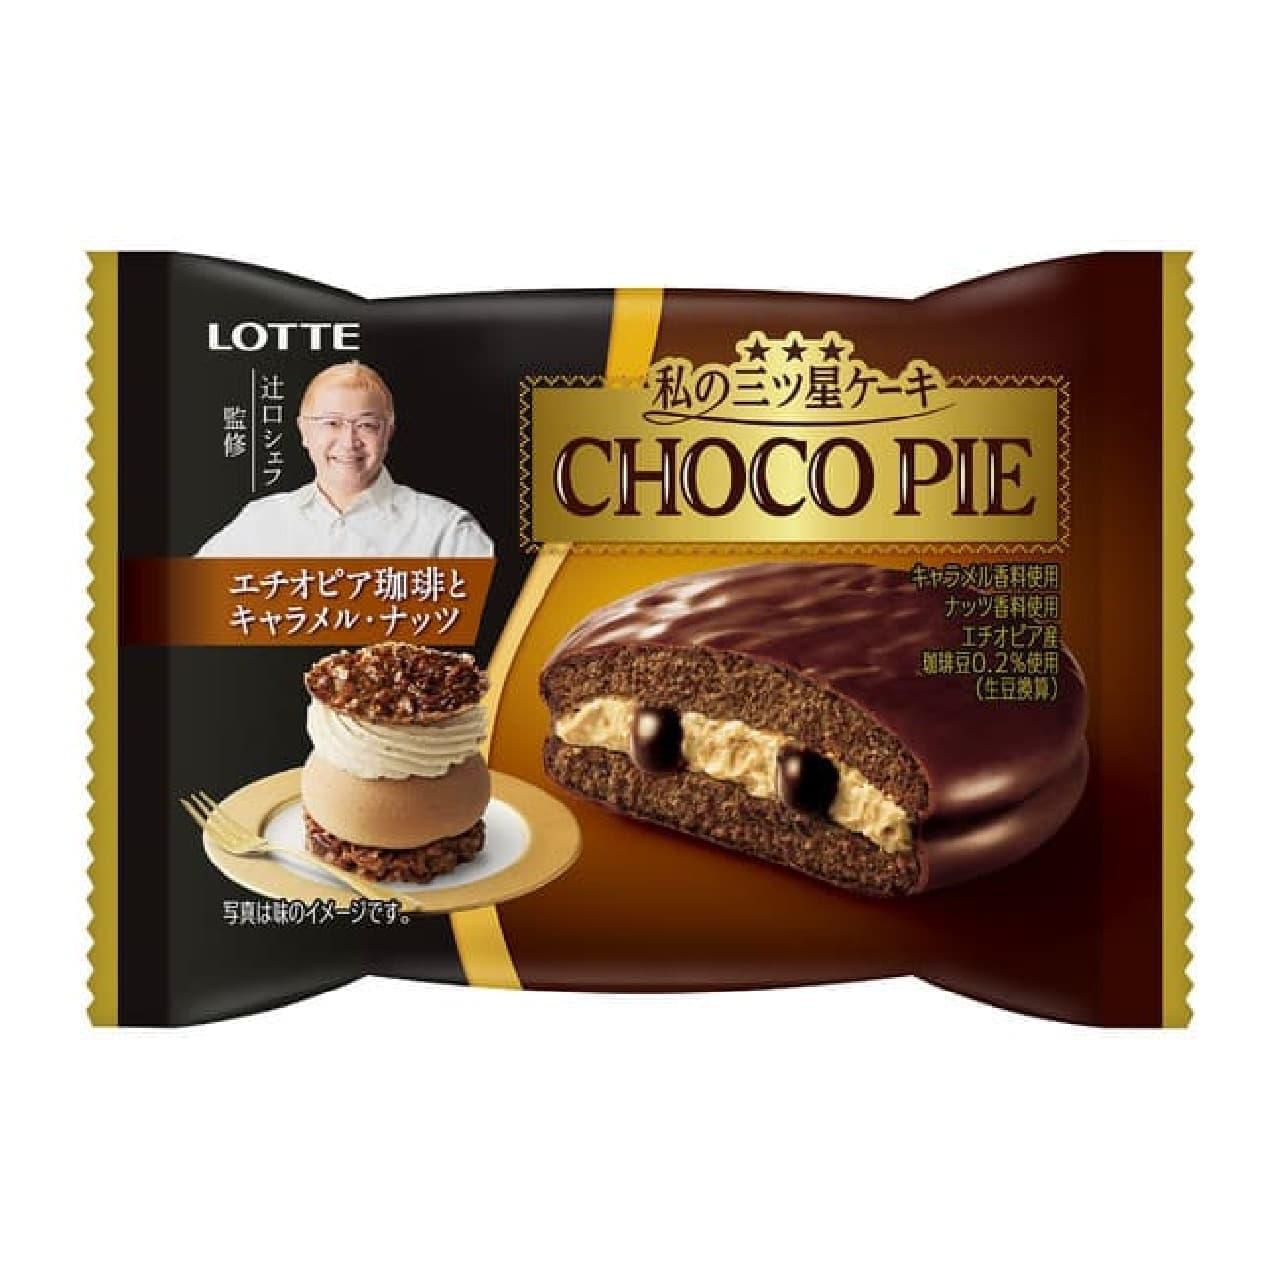 チョコパイ<エチオピア珈琲とキャラメル・ナッツ>個売り